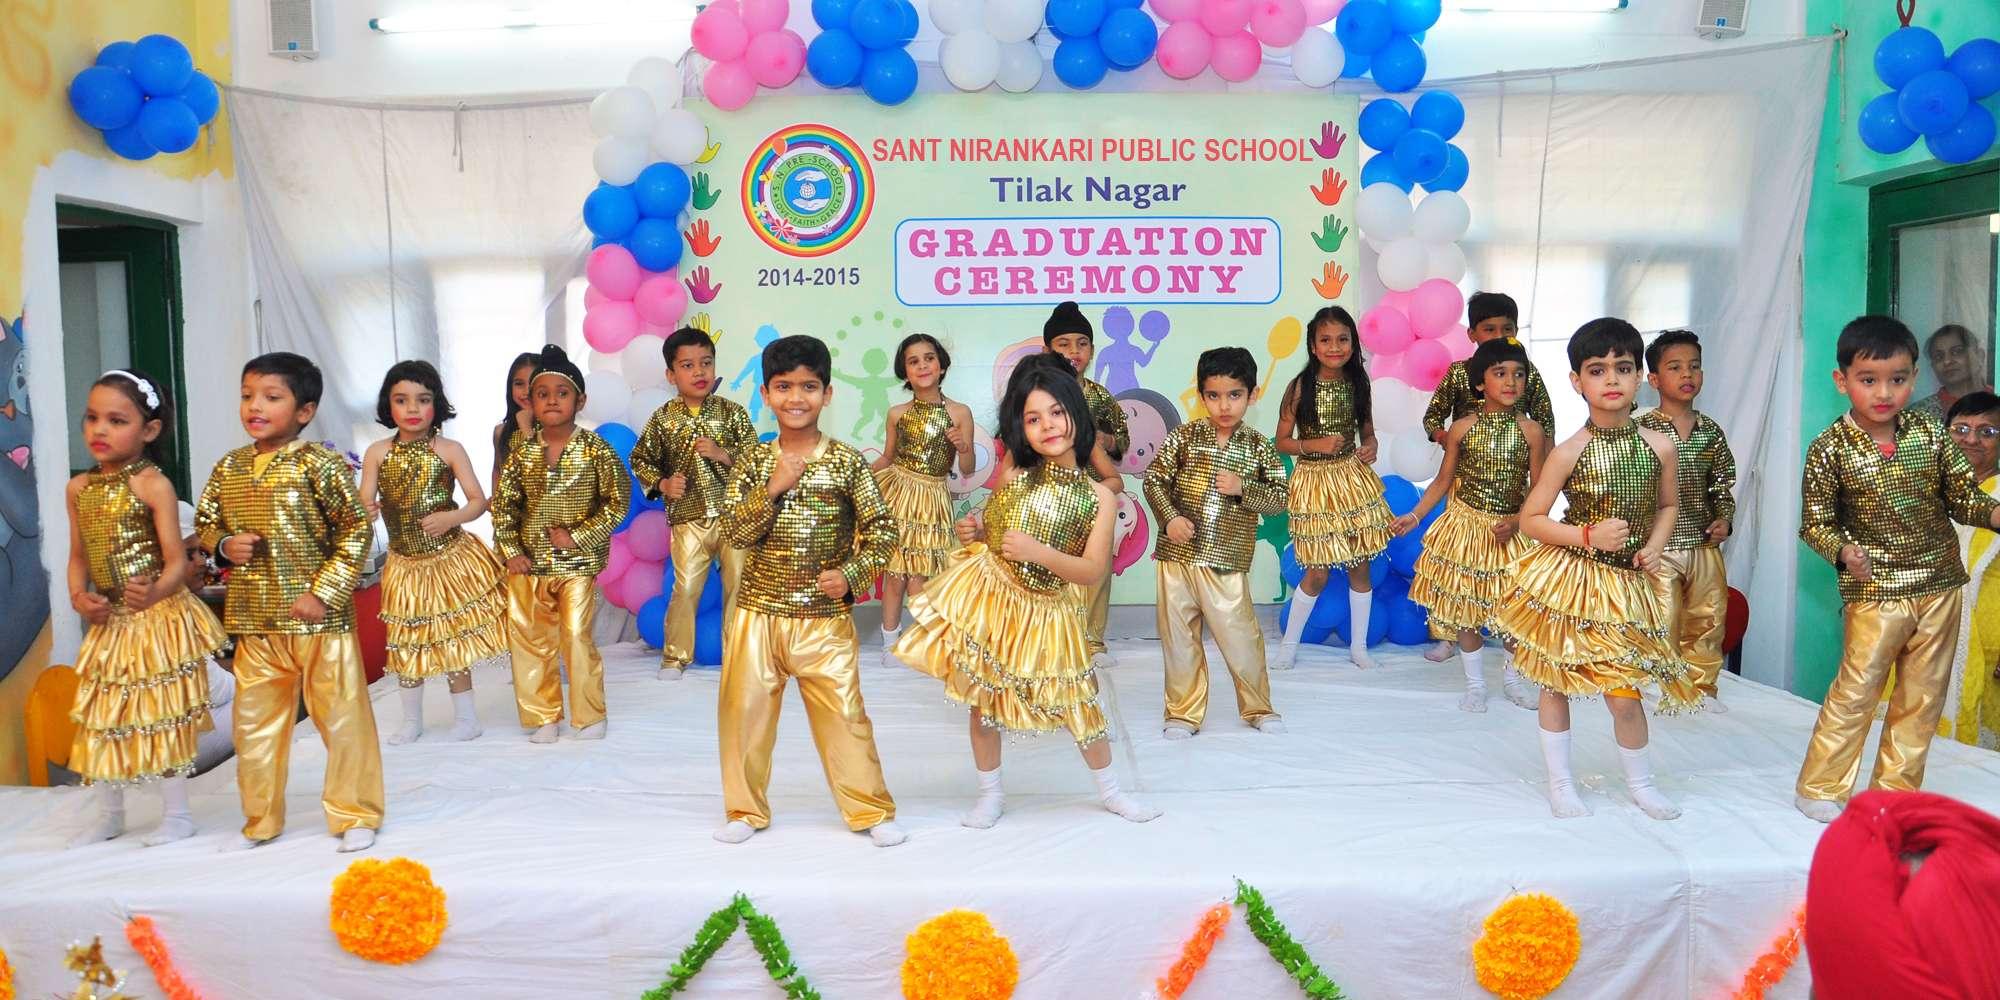 Sant Nirankari Public School, Tilak Nagar